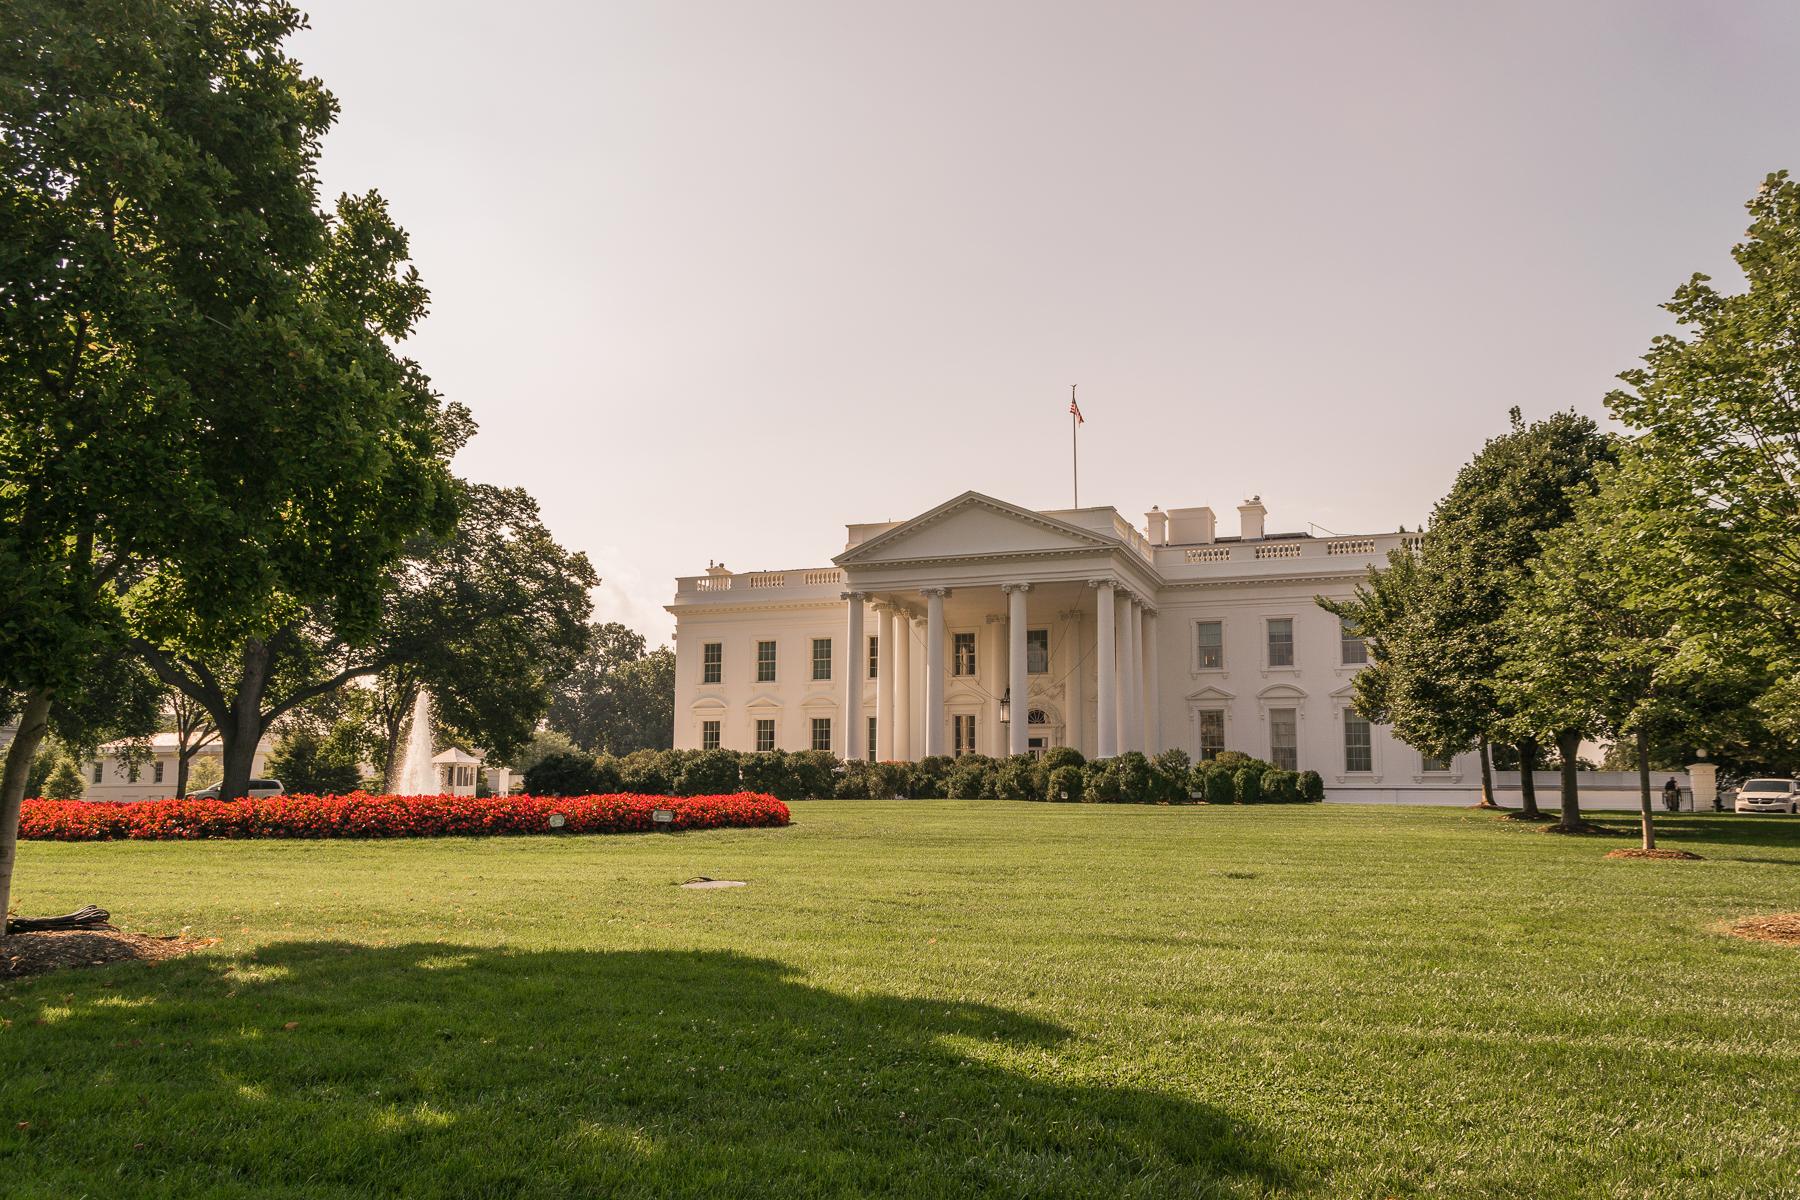 Vista trasera de la Casa Blanca en Washington DC.